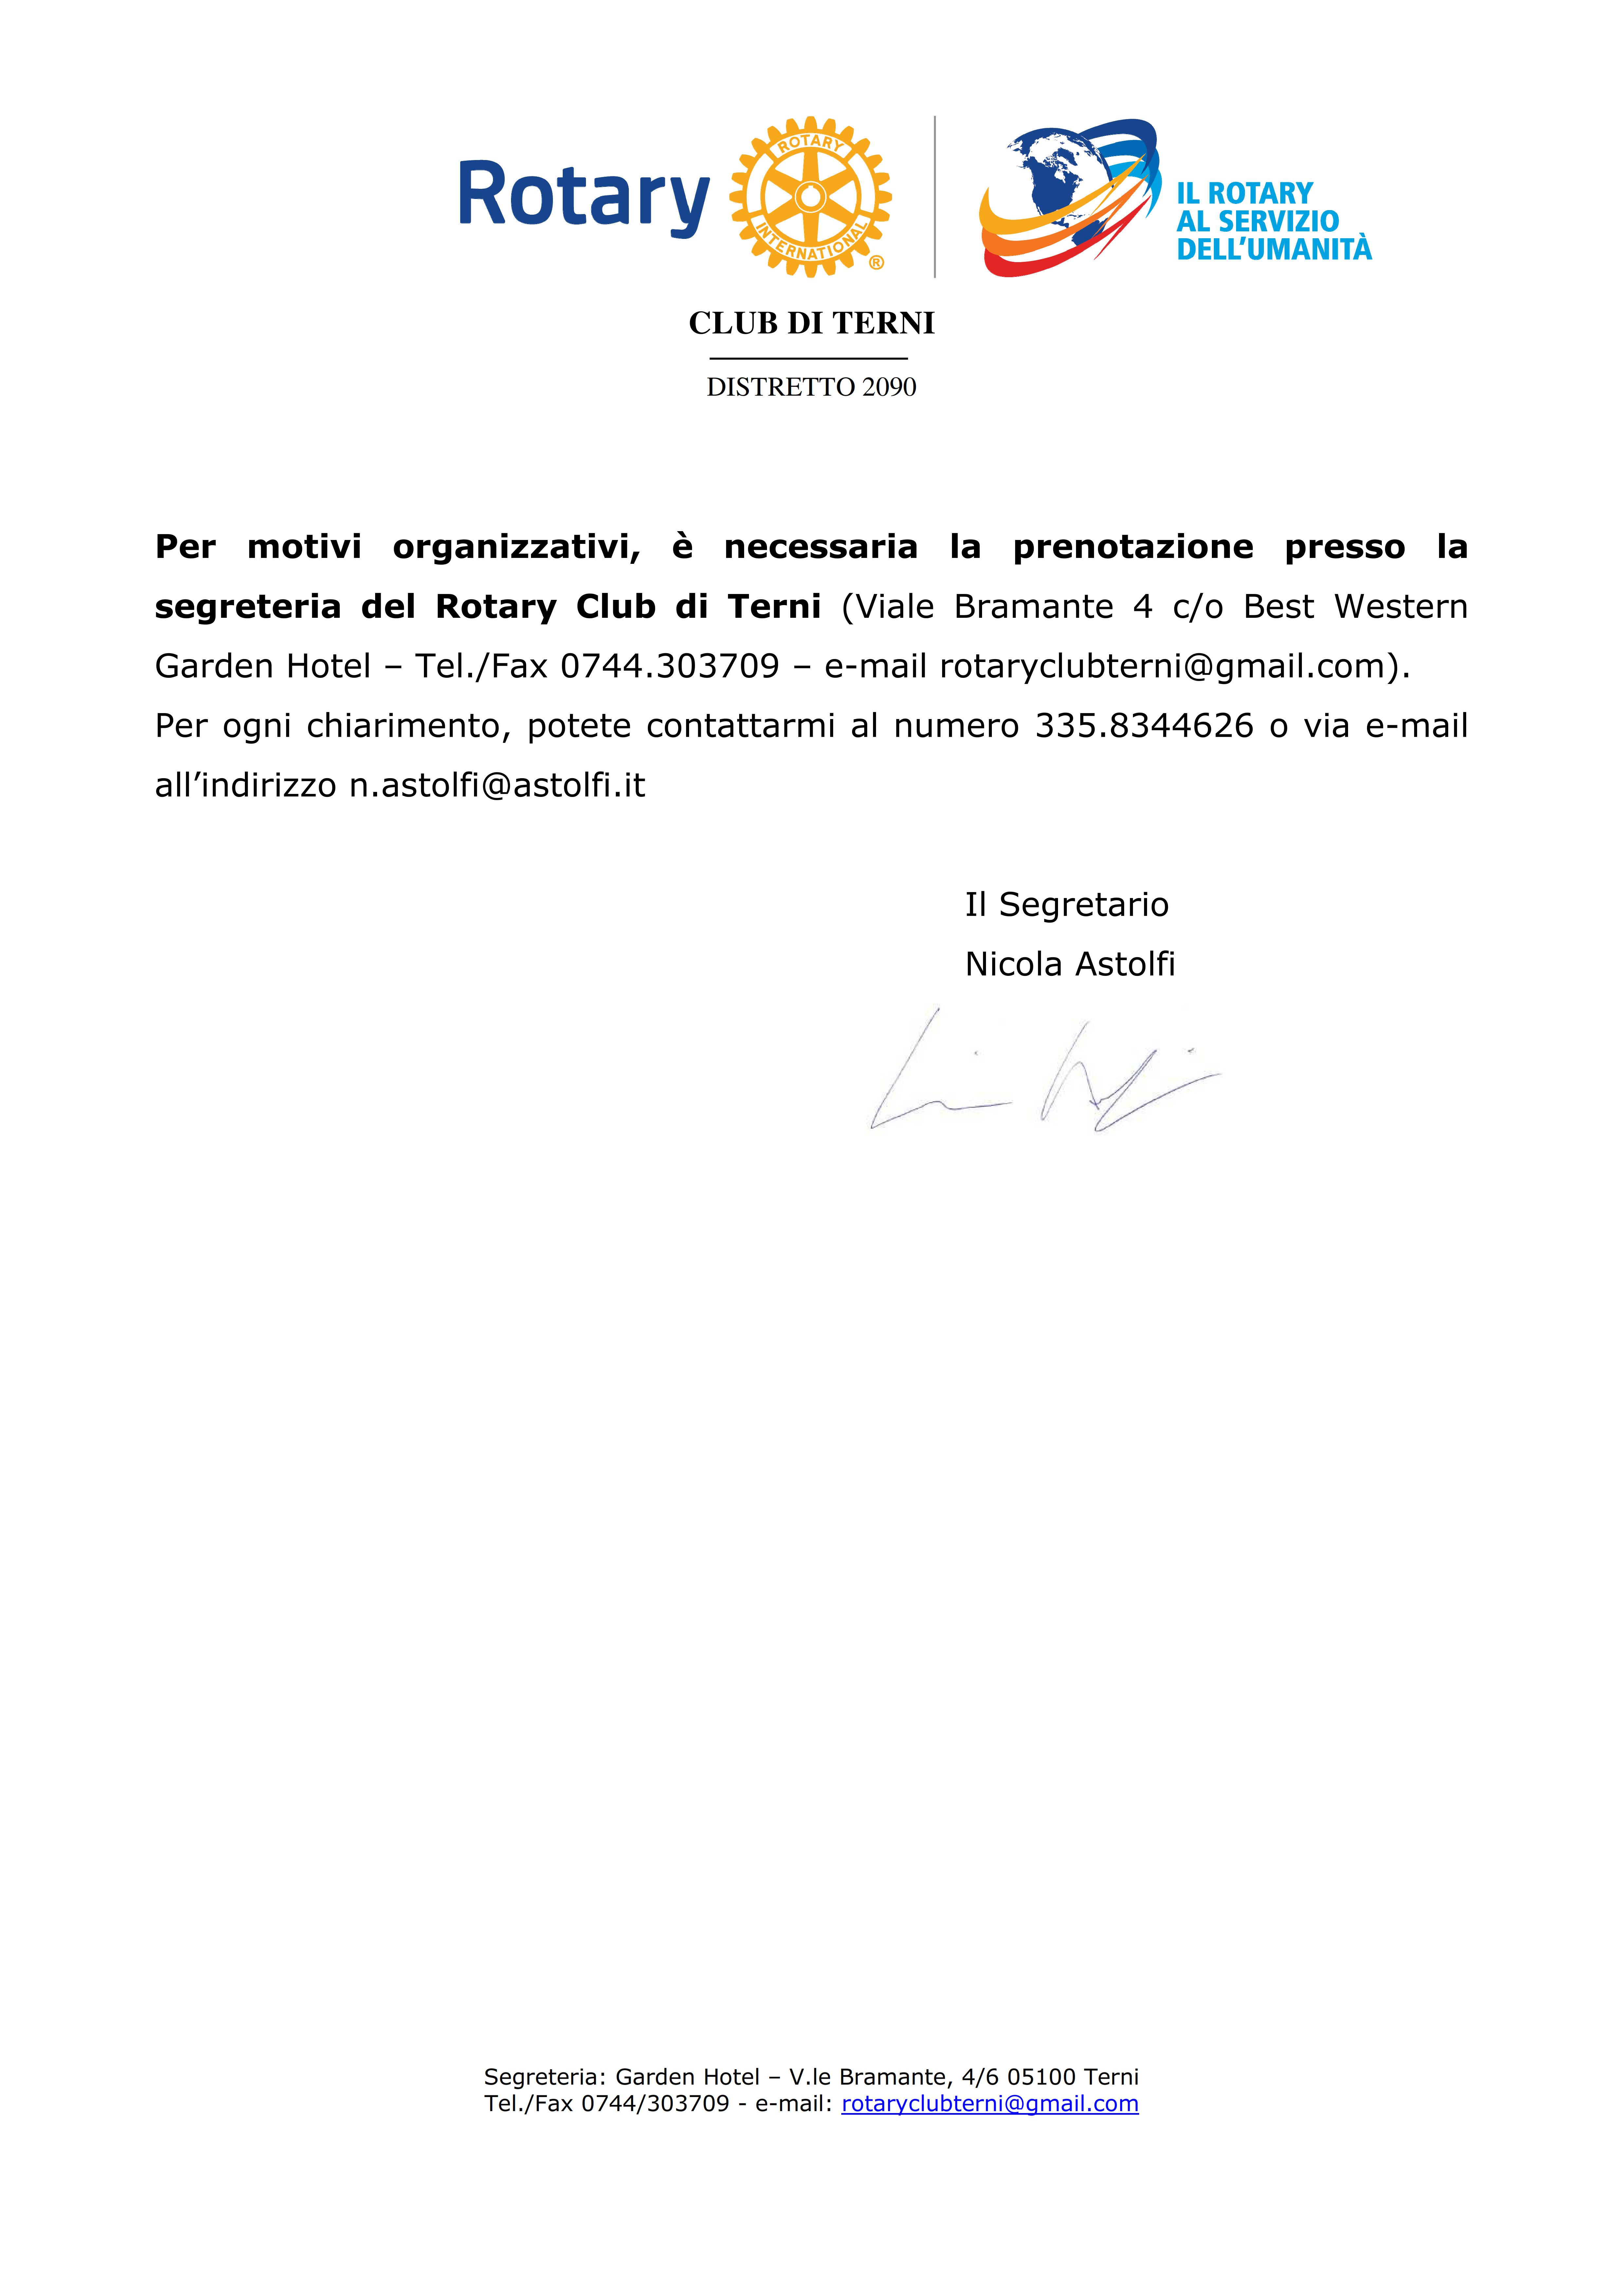 Rotary Club Terni - Programma Settembre 2016_002